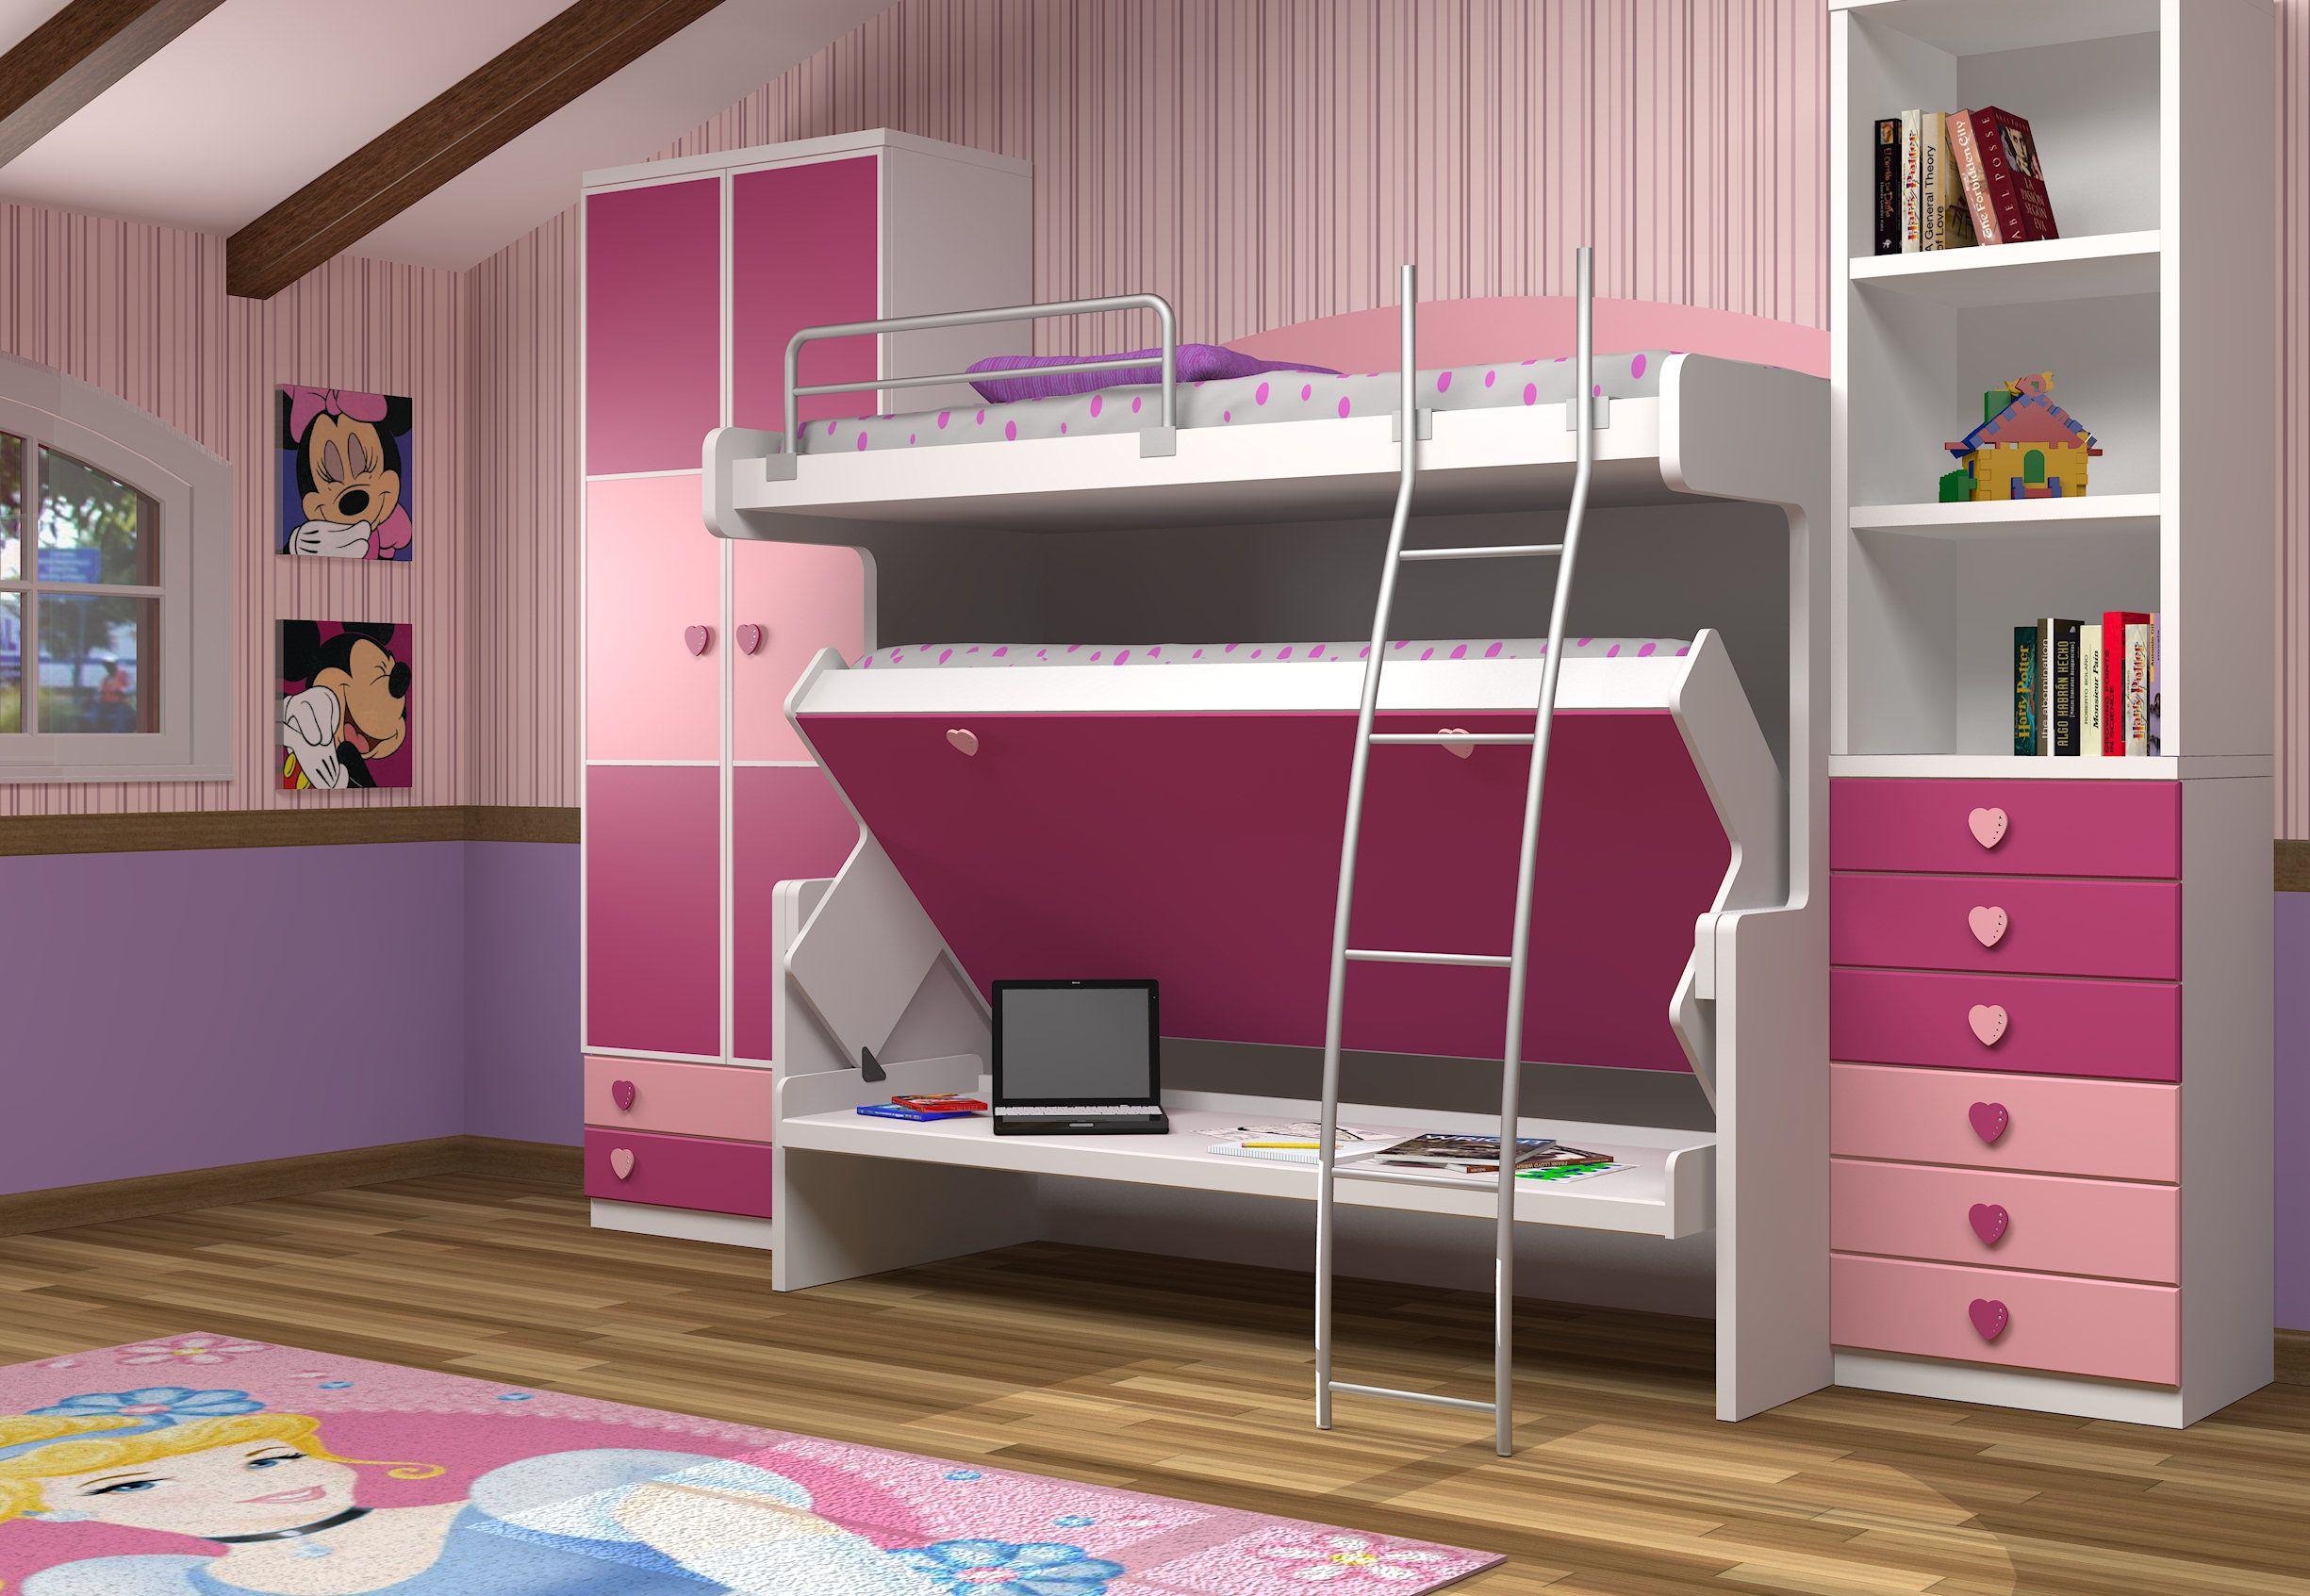 Hiddenbed 39 s double decker desk bed desk bed pinterest - Teenage bedroom furniture with desks ...